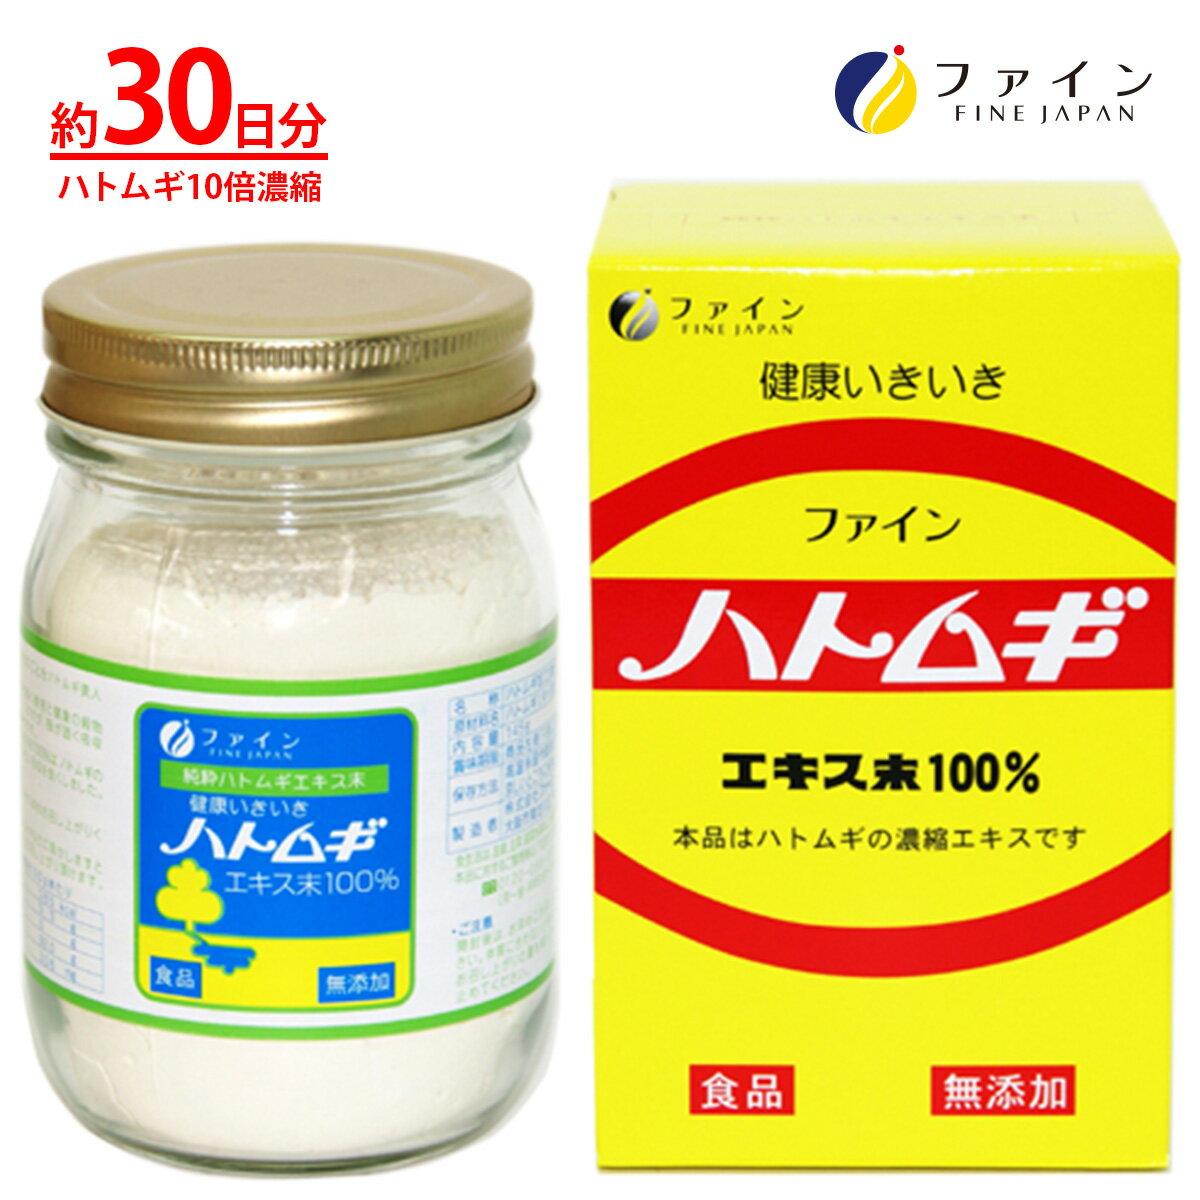 ファイン ハトムギエキス 末 100% 10倍濃縮 ハトムギエキス末 100%使用 計量スプーン付 1日2〜4杯/145g 粉 粉末 美容 と 健康 はとむぎ